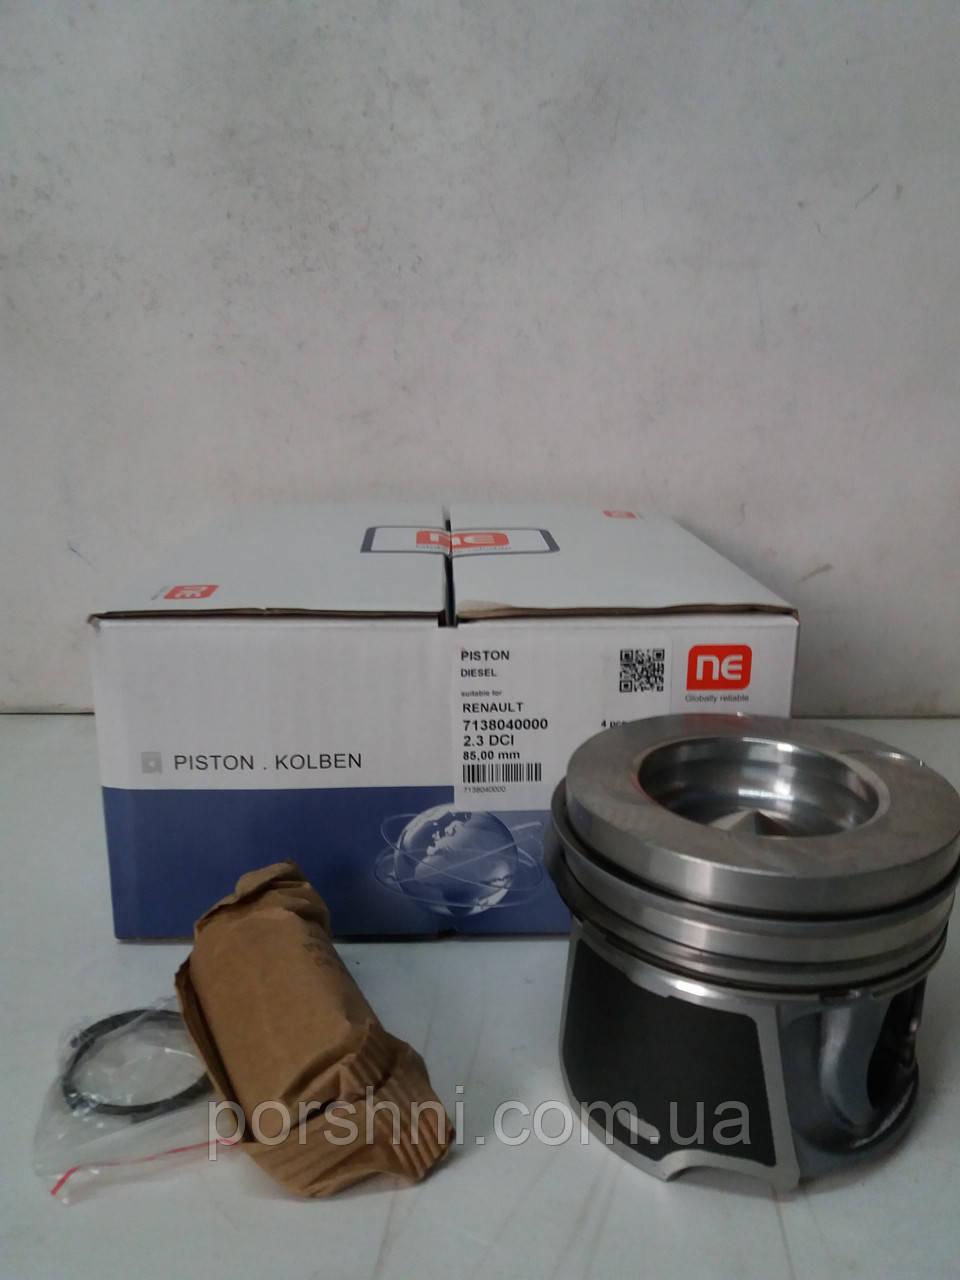 Поршни Рено Мастер 2,3DCI стандартный размер 85,0